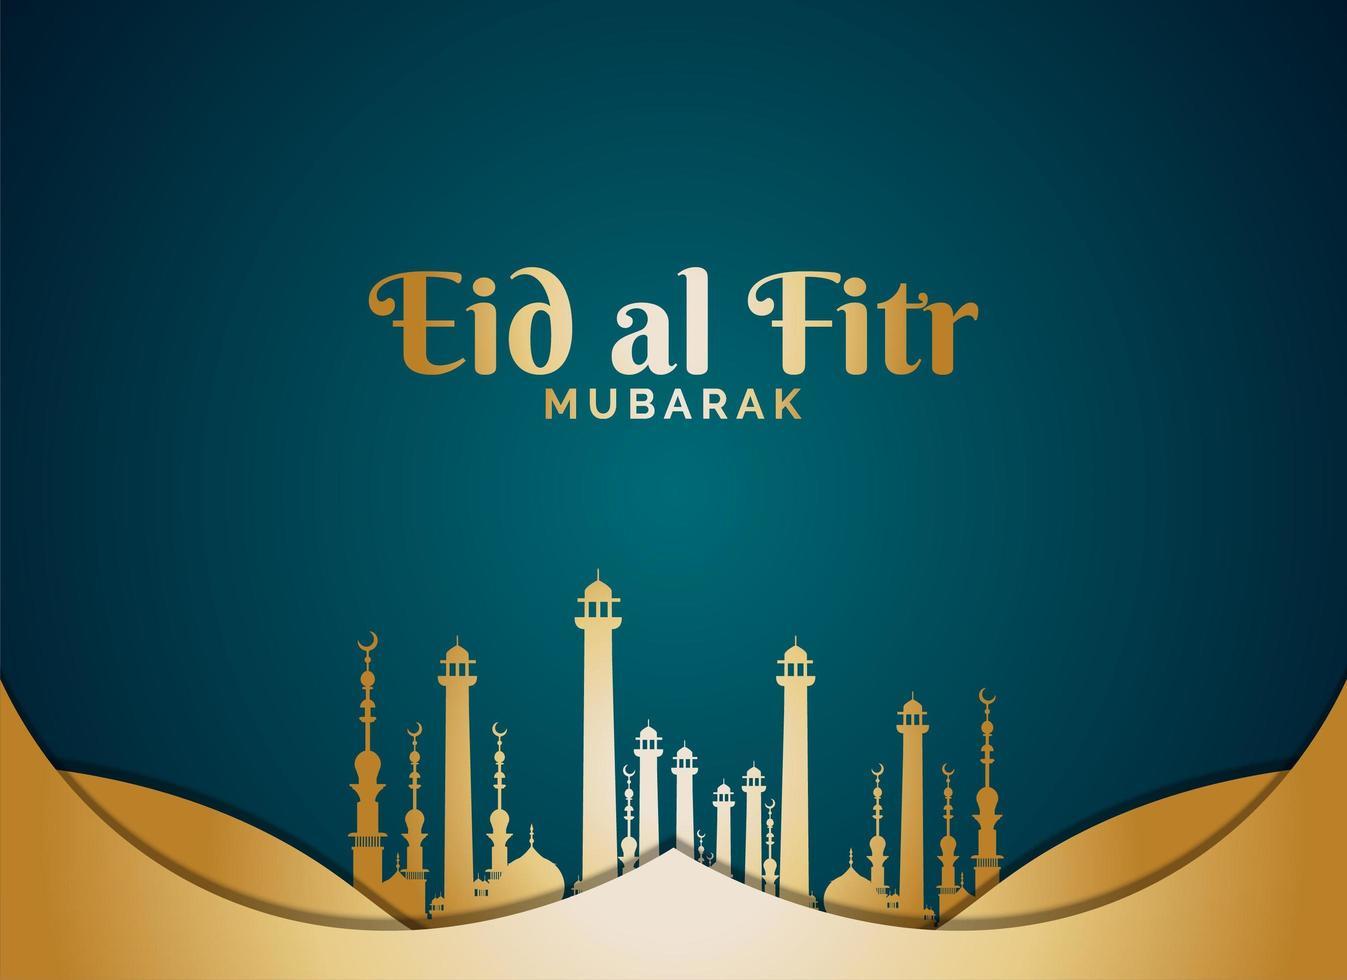 eid al fitr avec des tours de mosquée d'or sur sarcelle vecteur